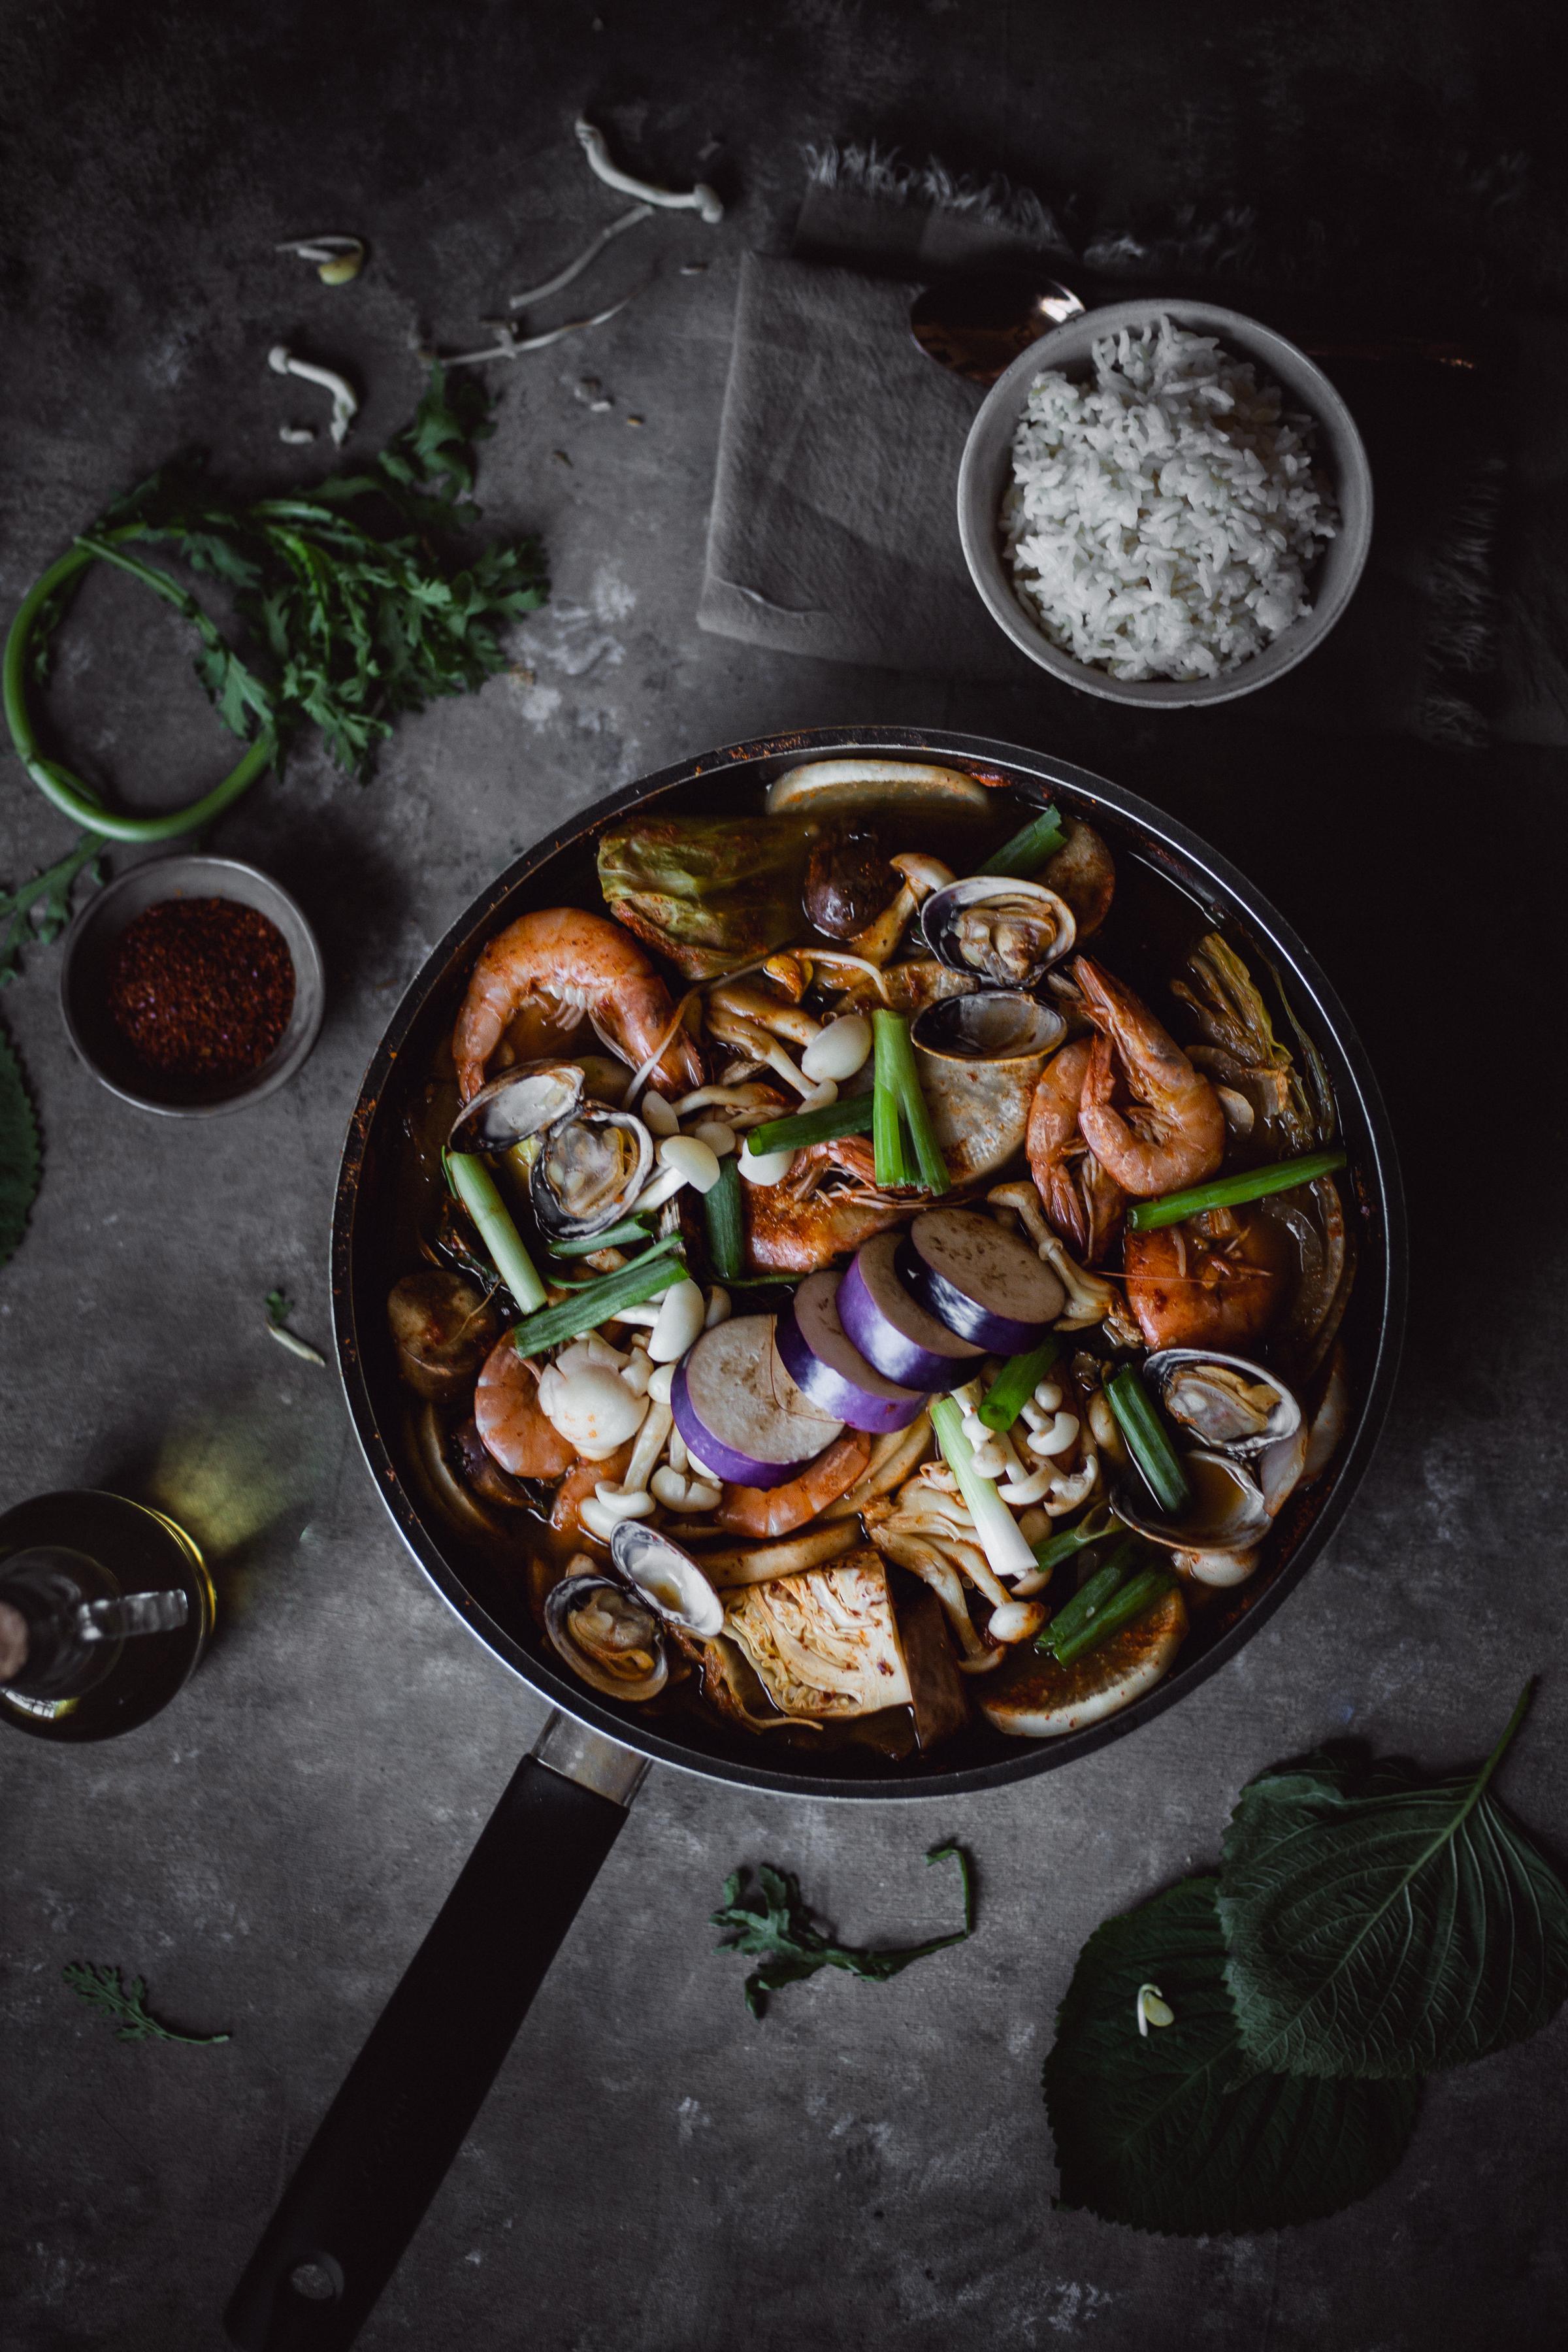 seafoodstewingredients2_web-1.jpg